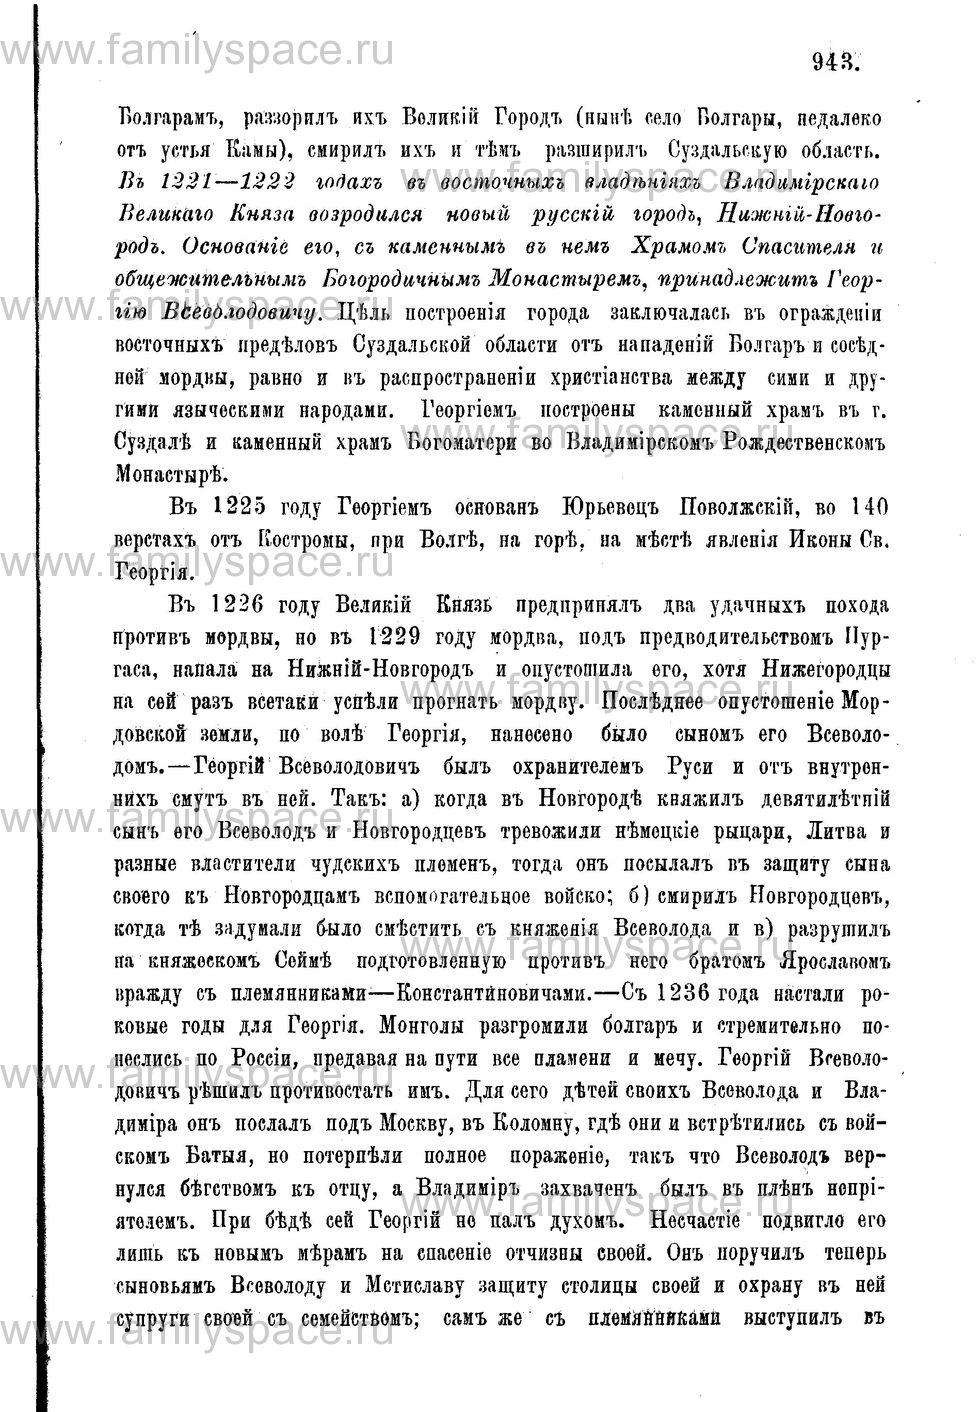 Поиск по фамилии - Адрес-календарь Нижегородской епархии на 1888 год, страница 1943